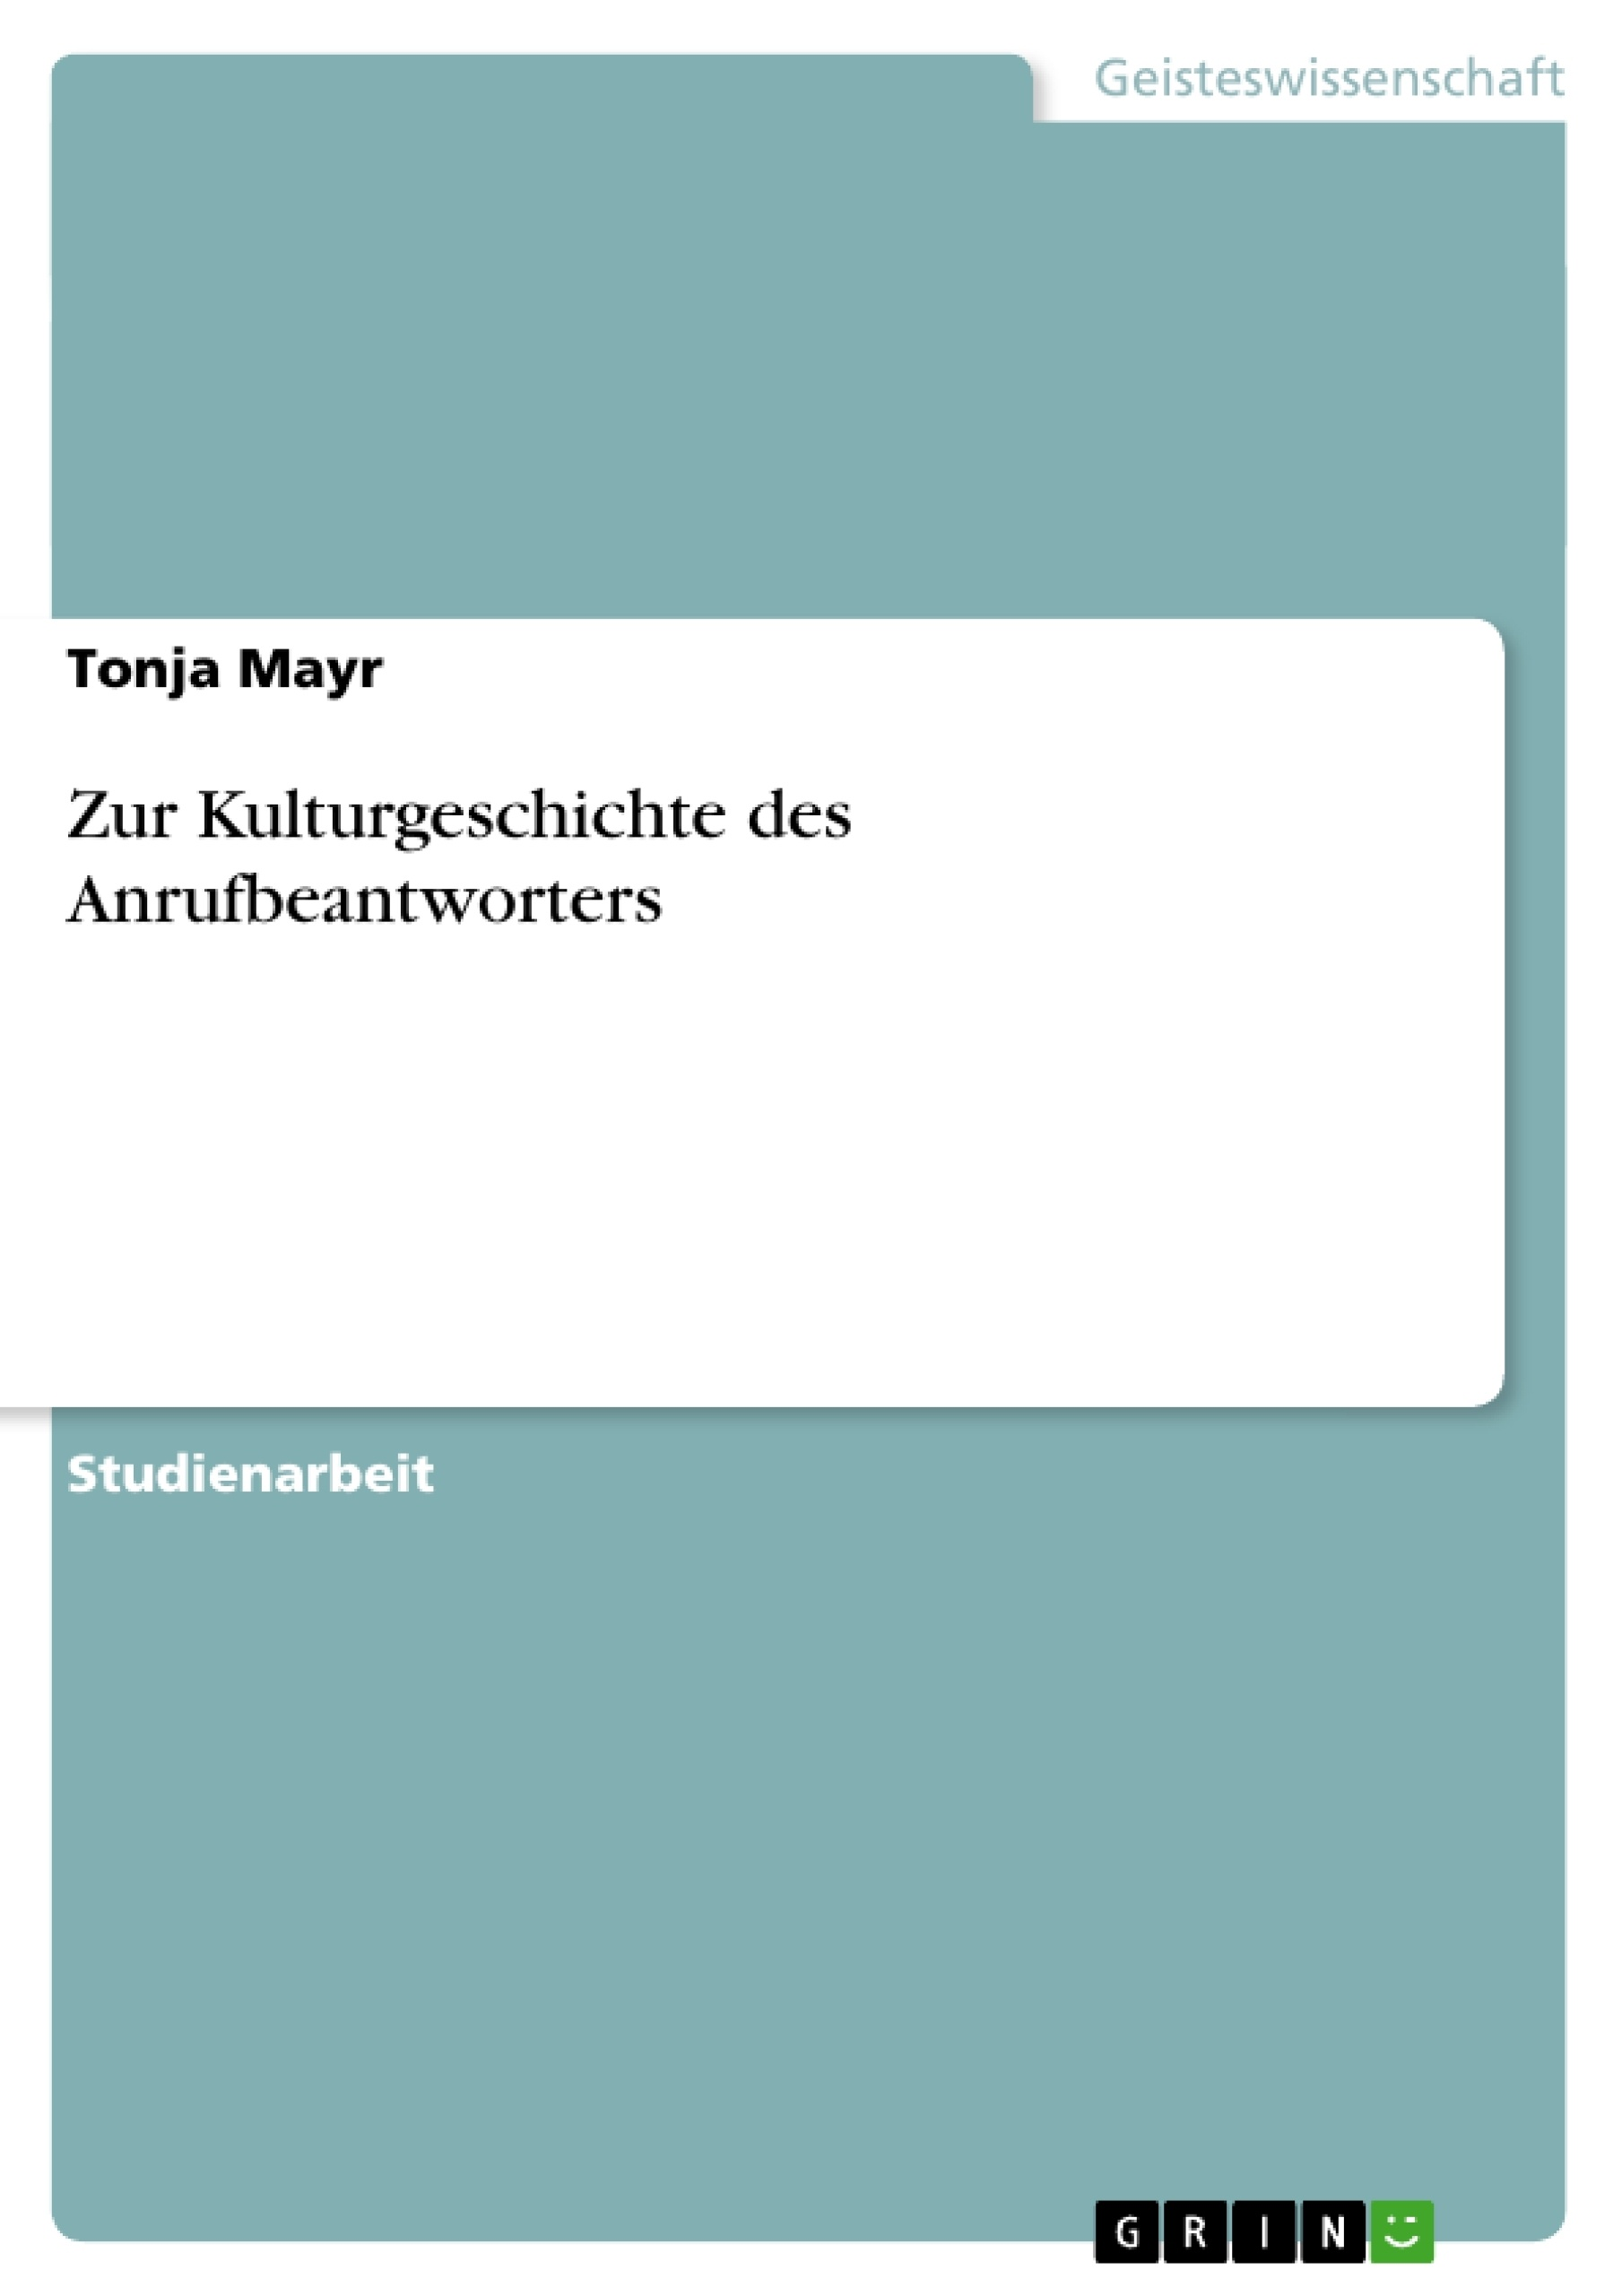 Titel: Zur Kulturgeschichte des Anrufbeantworters